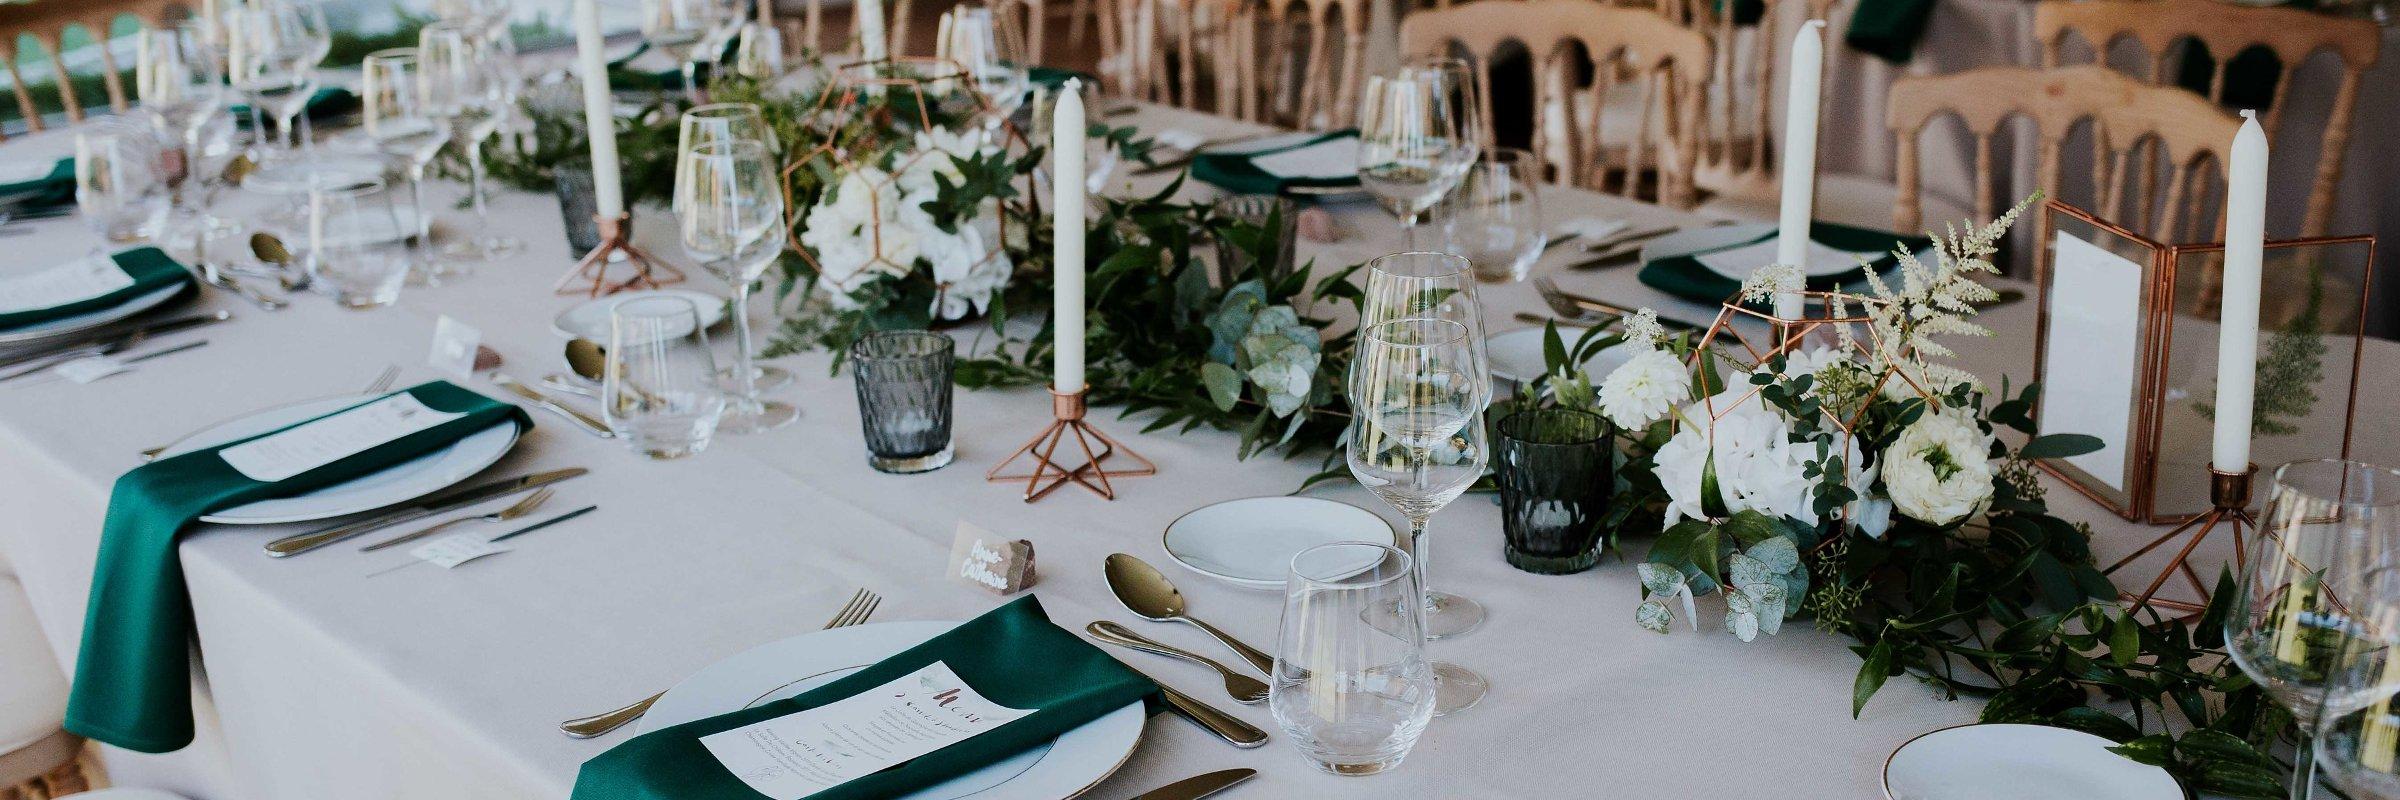 Décoration de mariage cuivre et vert